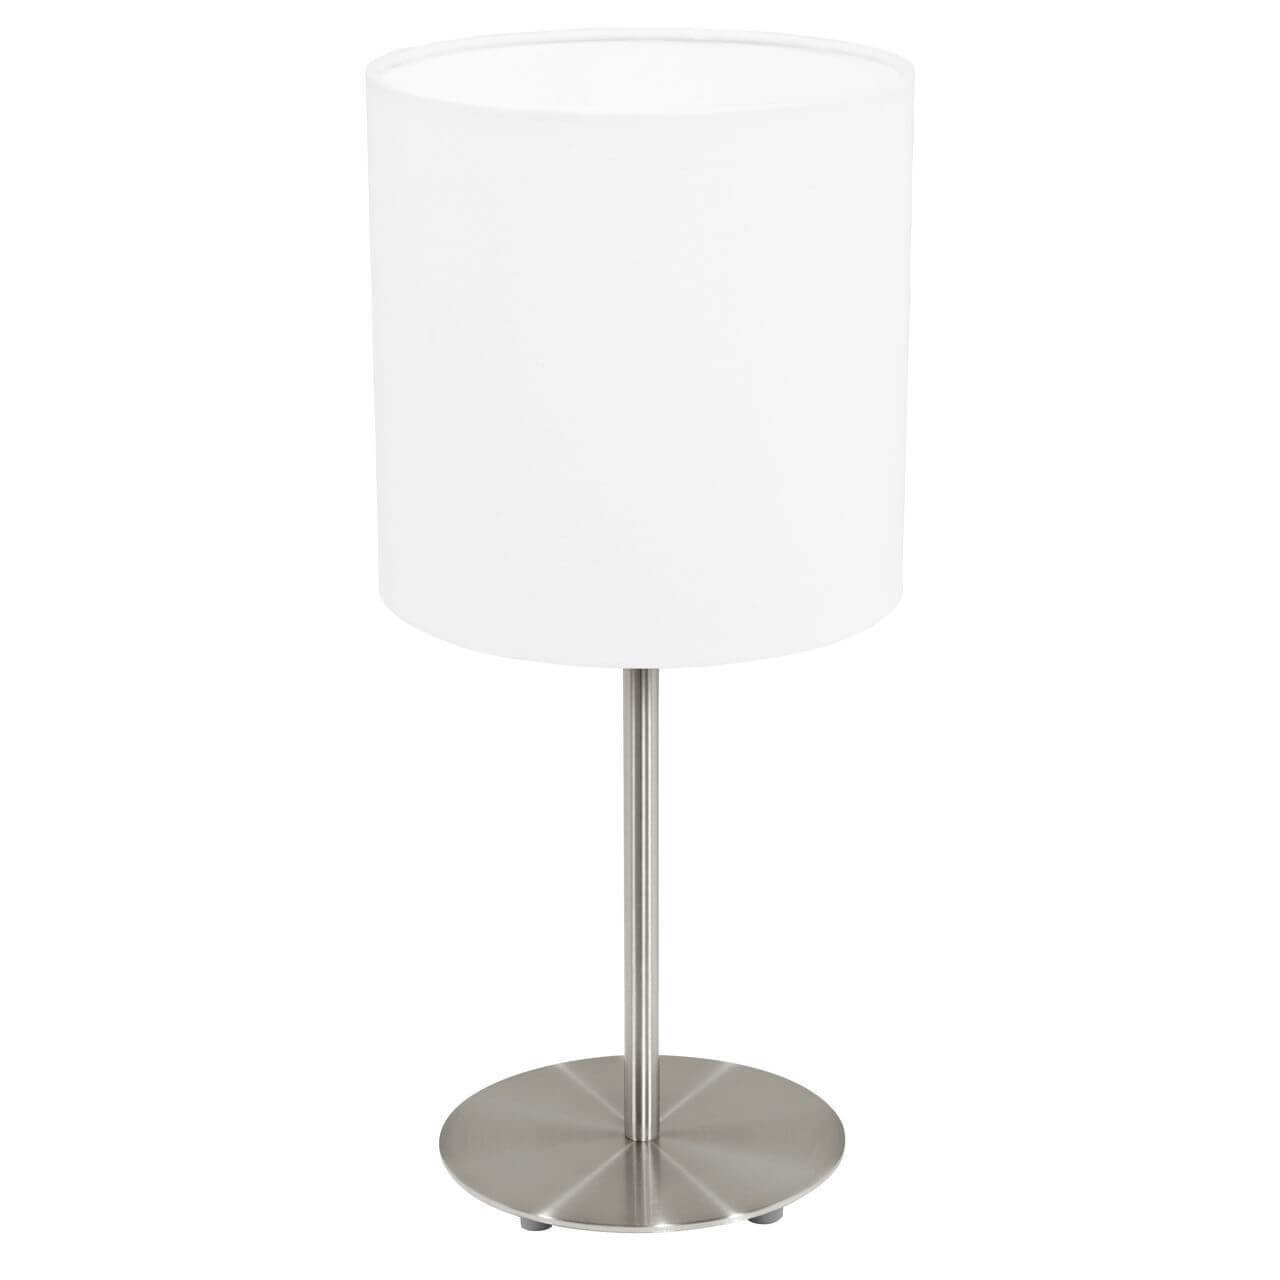 Настольная лампа Eglo Pasteri 31594 настольная лампа eglo pasteri 95119